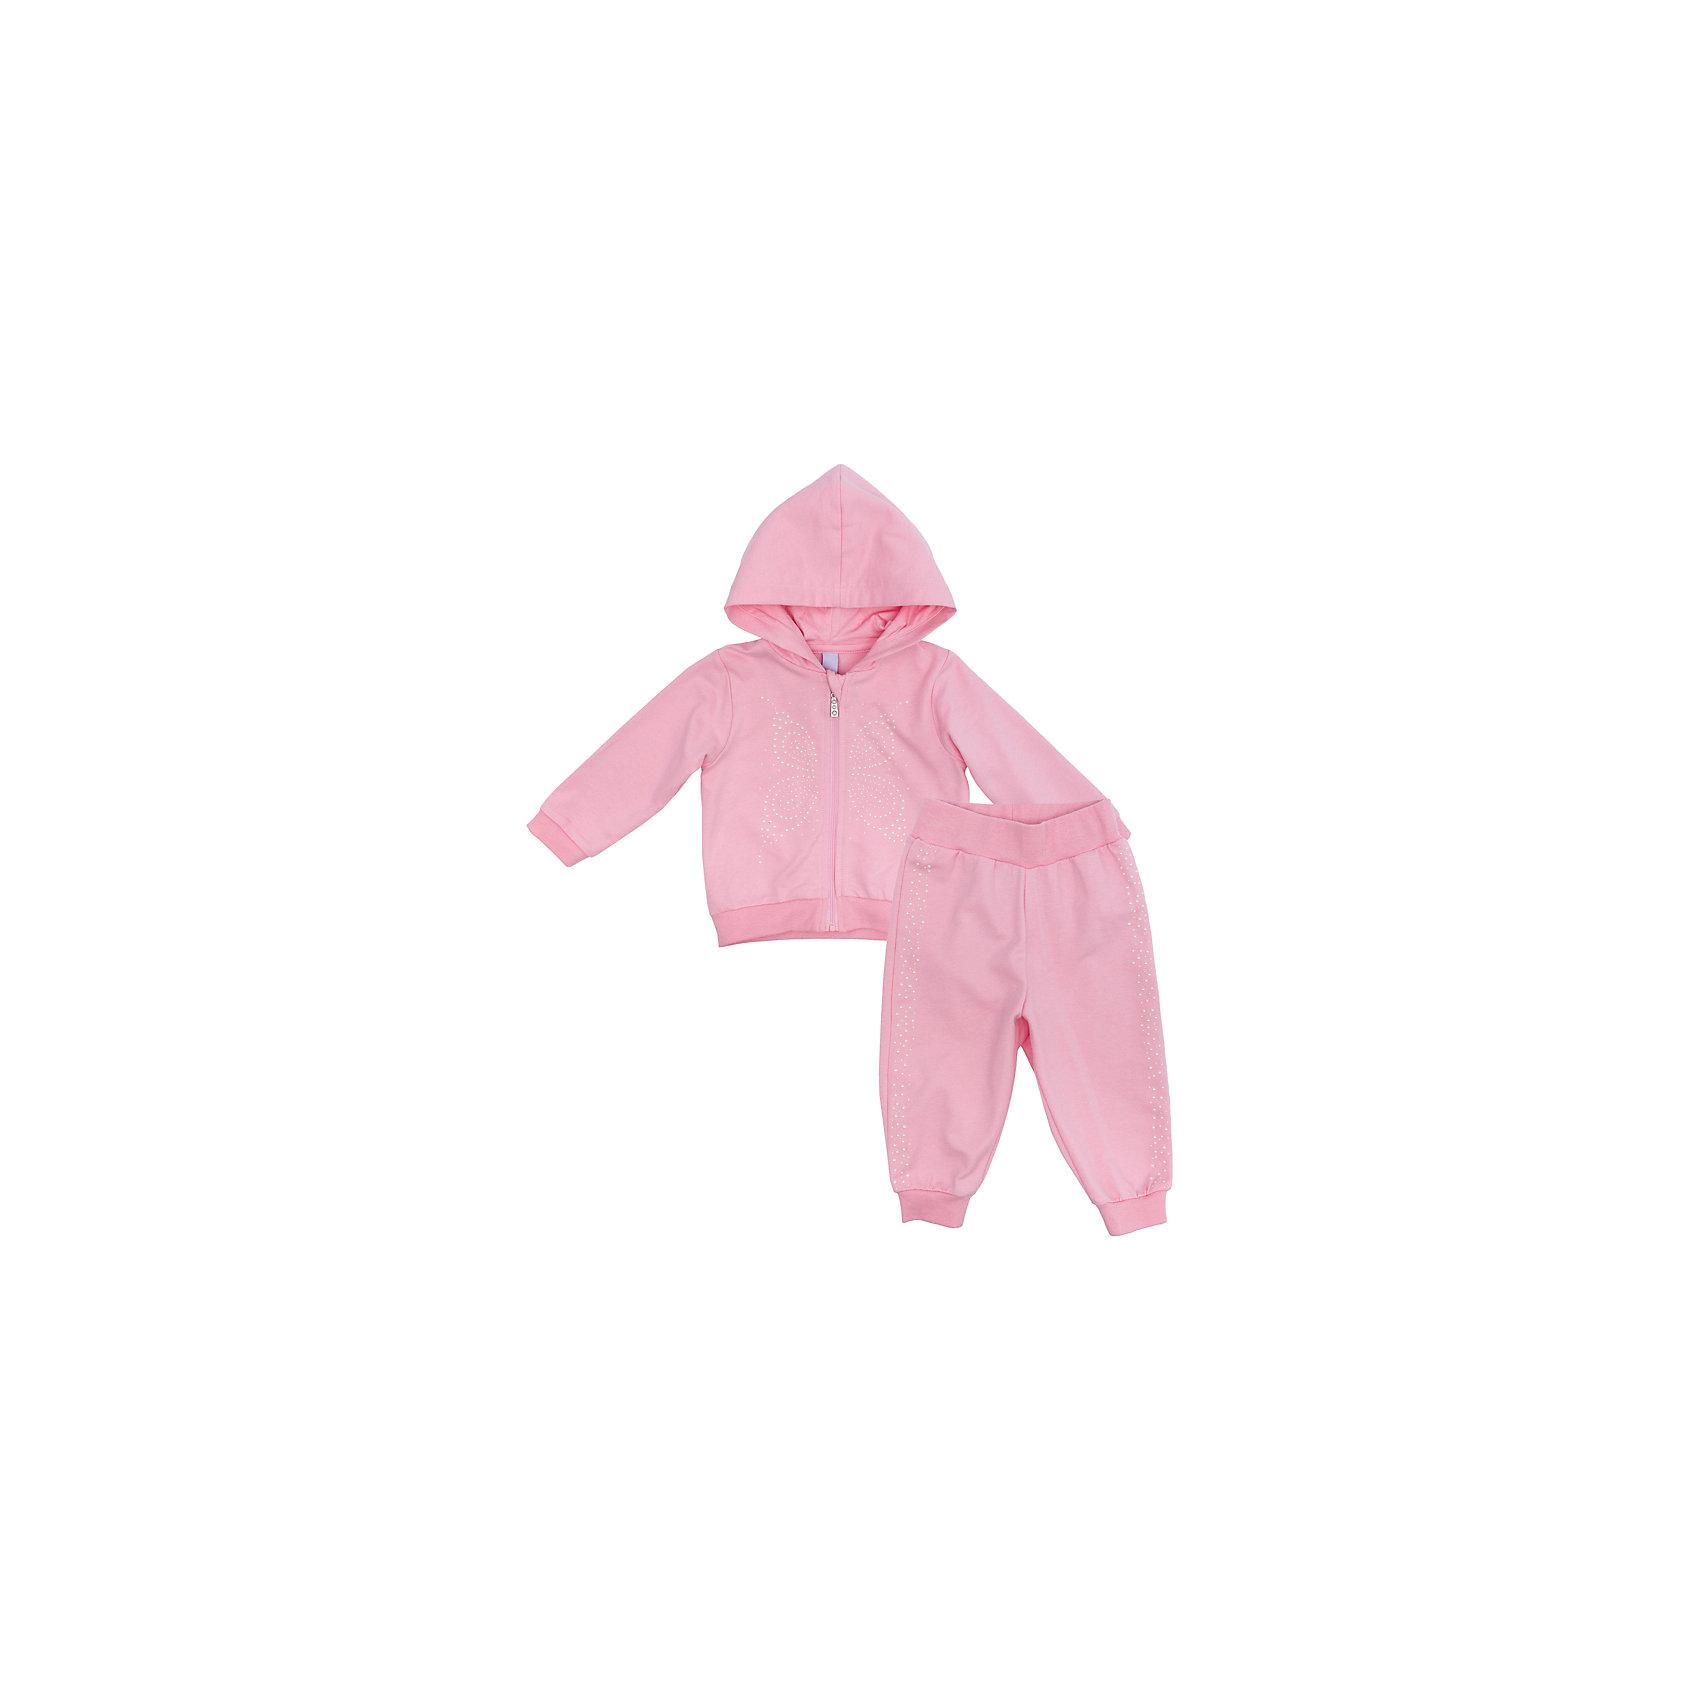 Комплект для девочки PlayTodayКомплекты<br>Характеристики товара:<br><br>• цвет: розовый<br>• состав: 100% хлопок<br>• комплектация: кофточка, брюки<br>• дышащий материал<br>• длинные рукава<br>• молния для удобства надевания<br>• пояс брюк - мягкая резинка<br>• комфортная посадка<br>• коллекция: весна-лето 2017<br>• страна бренда: Германия<br>• страна производства: Китай<br><br>Популярный бренд PlayToday выпустил новую коллекцию! Вещи из неё продолжают радовать покупателей удобством, стильным дизайном и продуманным кроем. Дети носят их с удовольствием. PlayToday - это линейка товаров, созданная специально для детей. Дизайнеры учитывают новые веяния моды и потребности детей. Порадуйте ребенка обновкой от проверенного производителя!<br>Эта модель обеспечит ребенку комфорт благодаря качественному материалу и удобному крою. Отличный вариант детской одежды - она не трет и давит, не ограничивает свободу движений! Выглядит стильно и аккуратно.<br><br>Комплект для девочки от известного бренда PlayToday можно купить в нашем интернет-магазине.<br><br>Ширина мм: 157<br>Глубина мм: 13<br>Высота мм: 119<br>Вес г: 200<br>Цвет: светло-розовый<br>Возраст от месяцев: 0<br>Возраст до месяцев: 3<br>Пол: Женский<br>Возраст: Детский<br>Размер: 56,74,68,62<br>SKU: 5408470